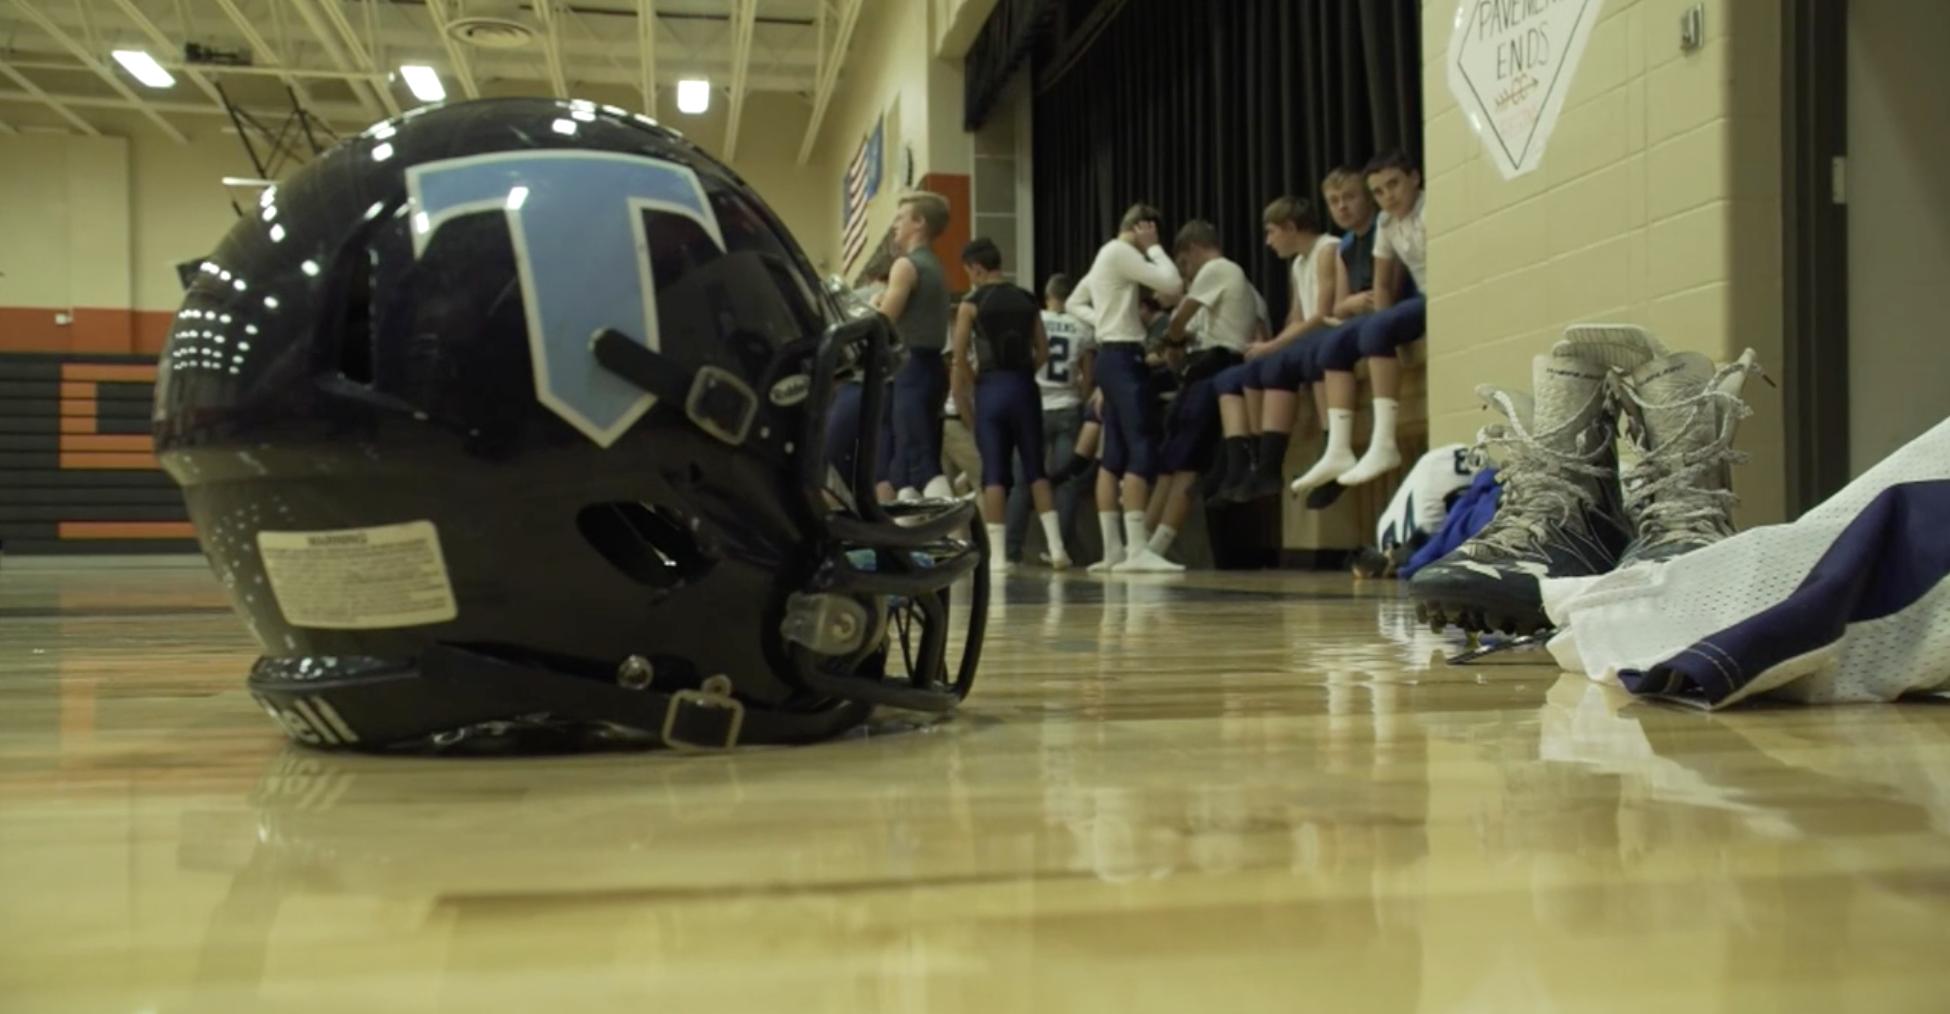 Photo of Titan football helmet